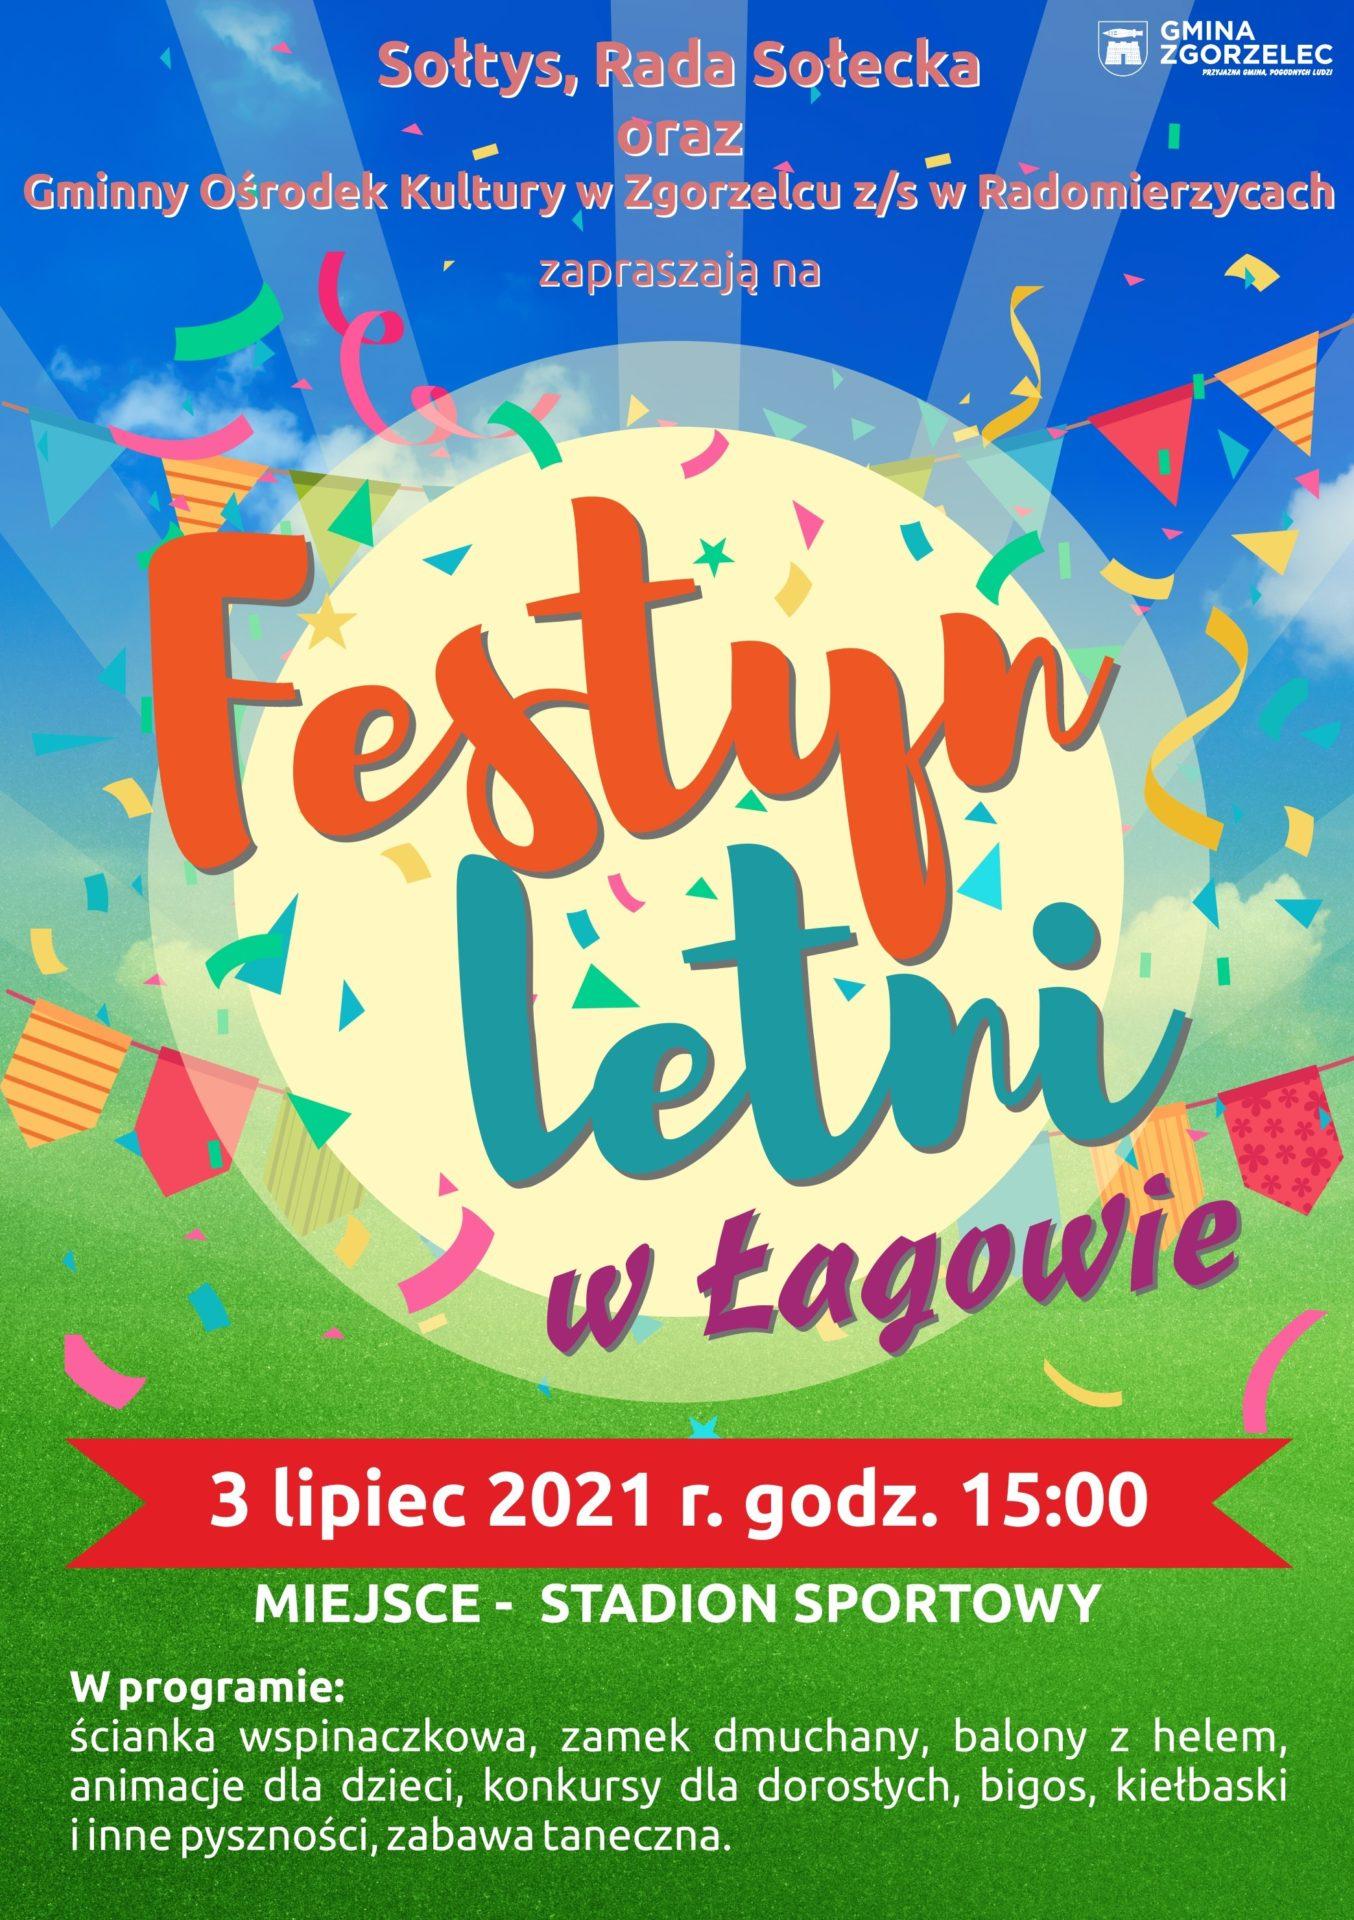 Festyn letni w Łagowie